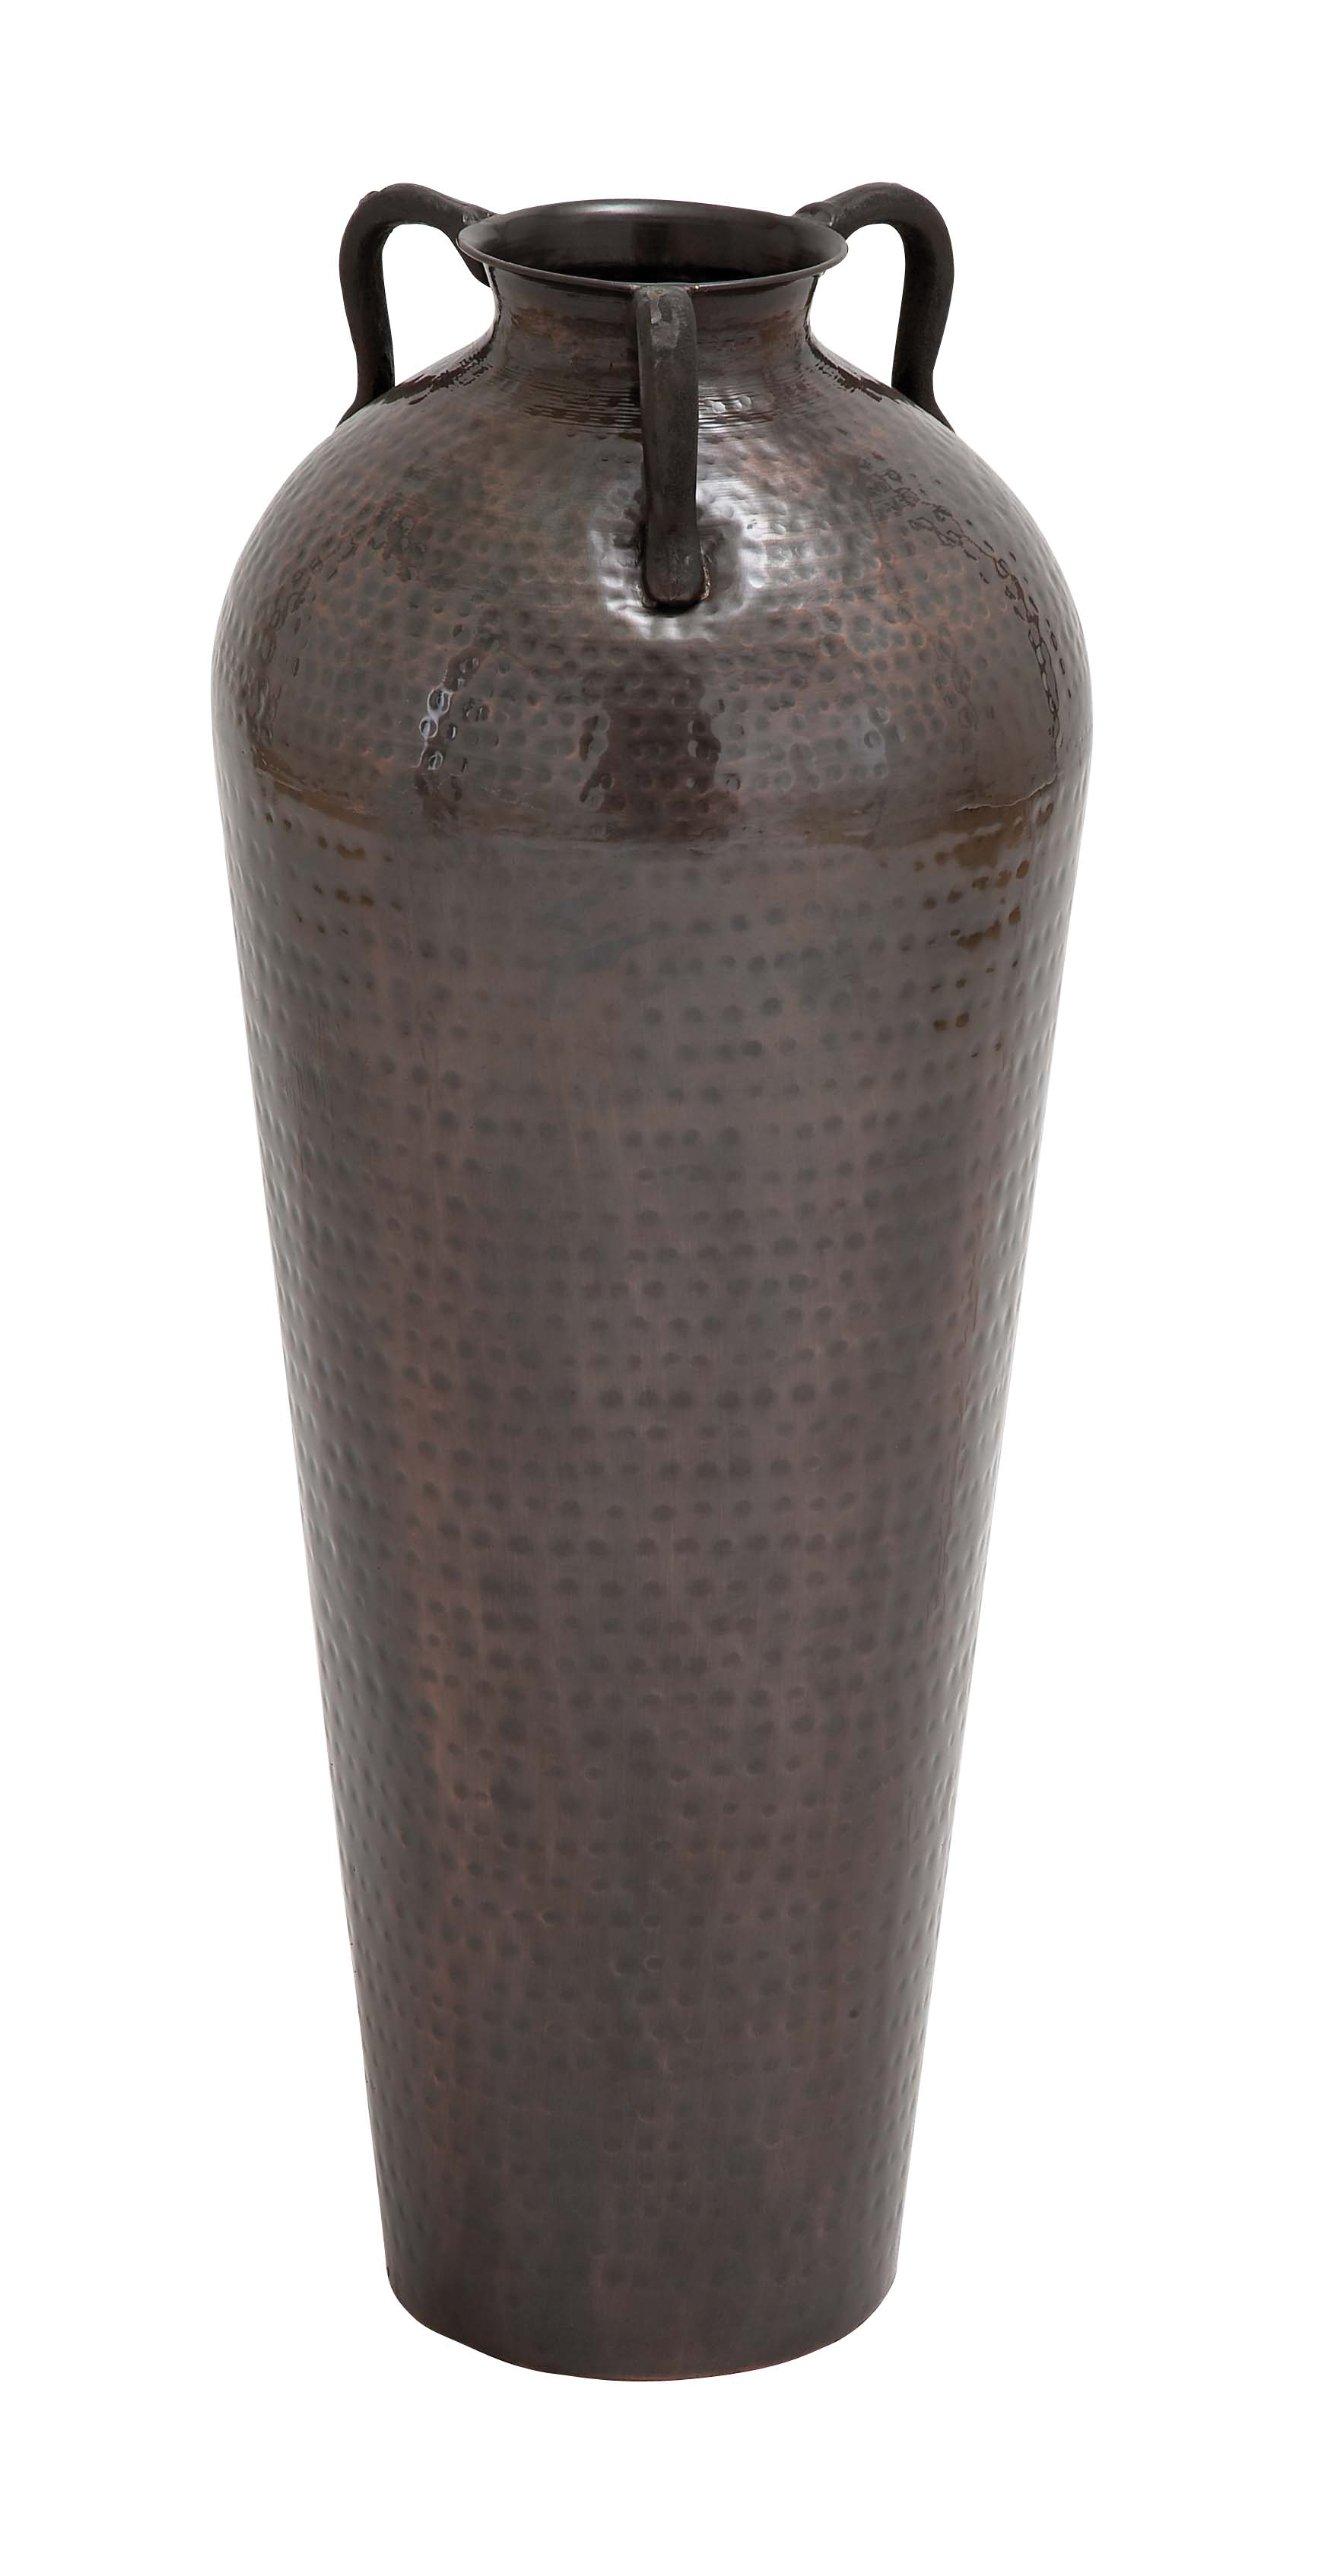 Deco 79 Metal Flower Vase, 12 by 32-Inch